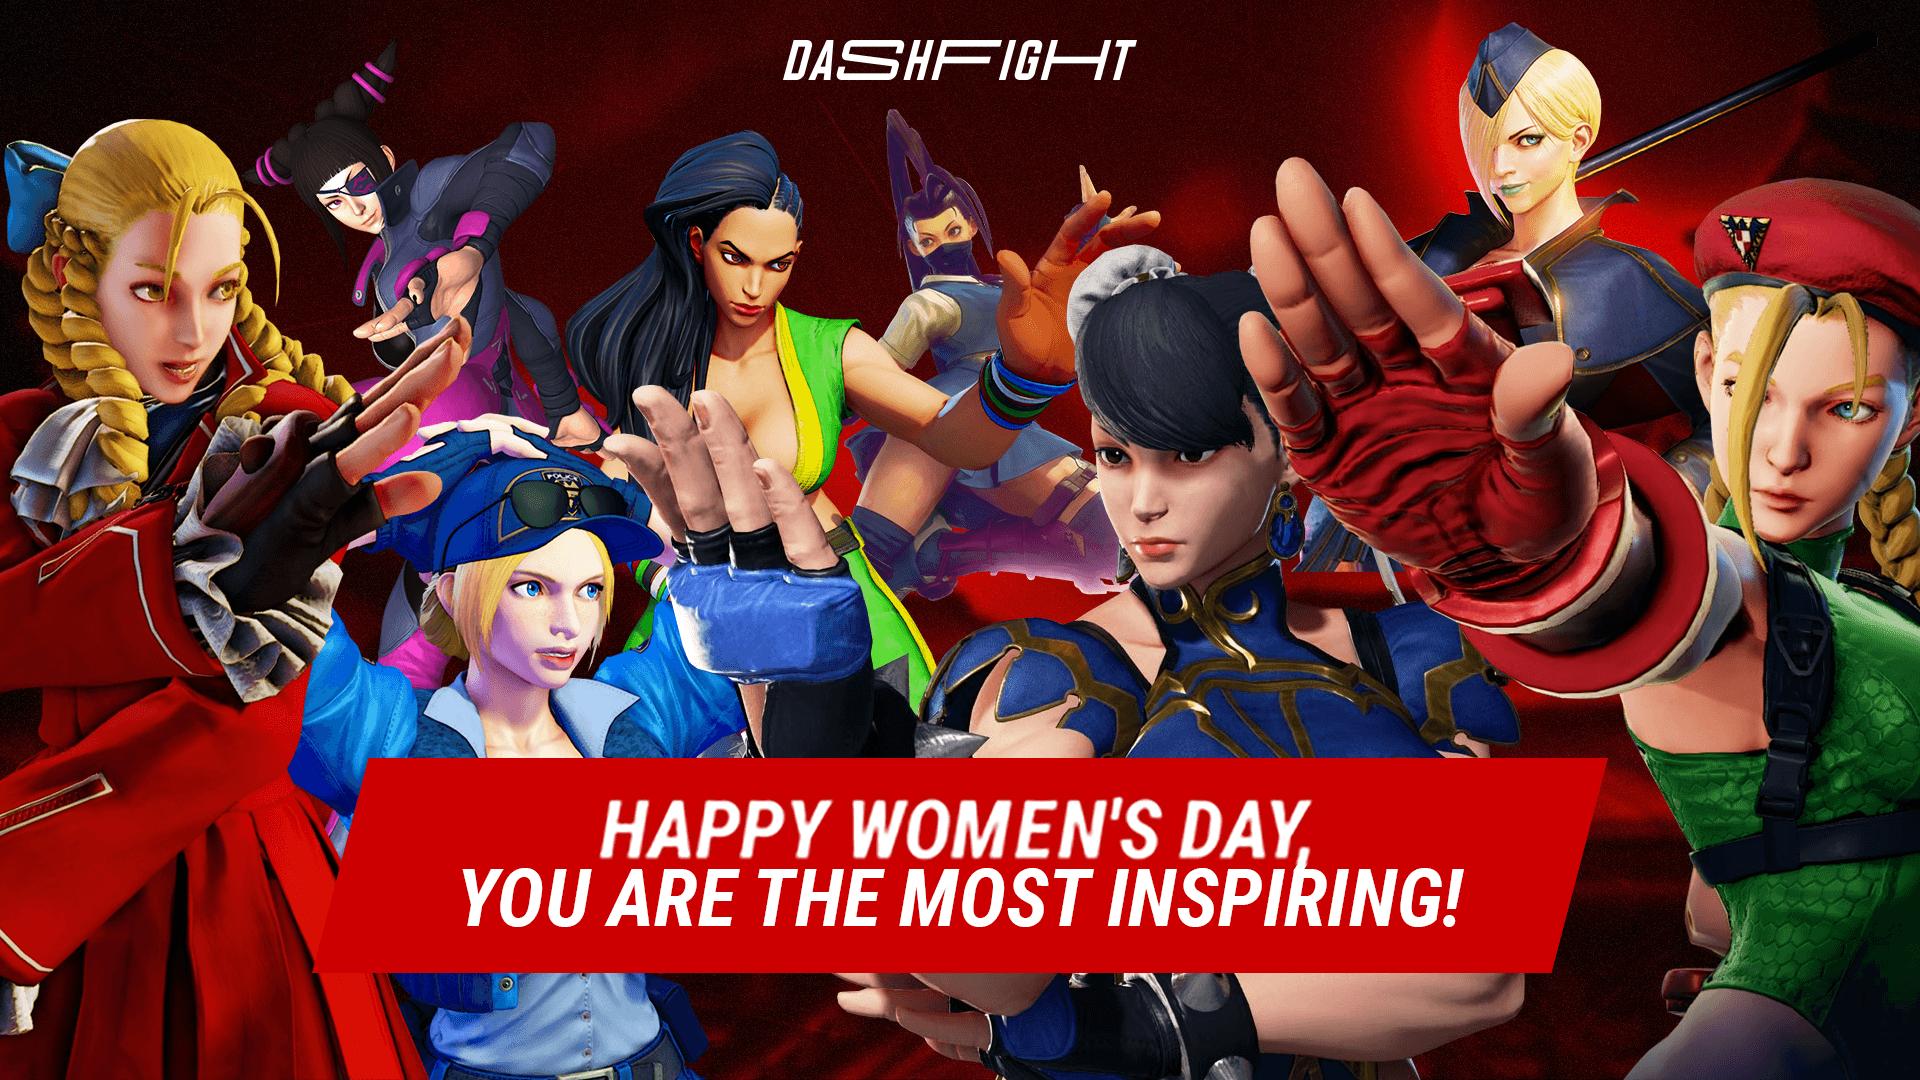 Happy Women's Day, beauties of Street Fighter